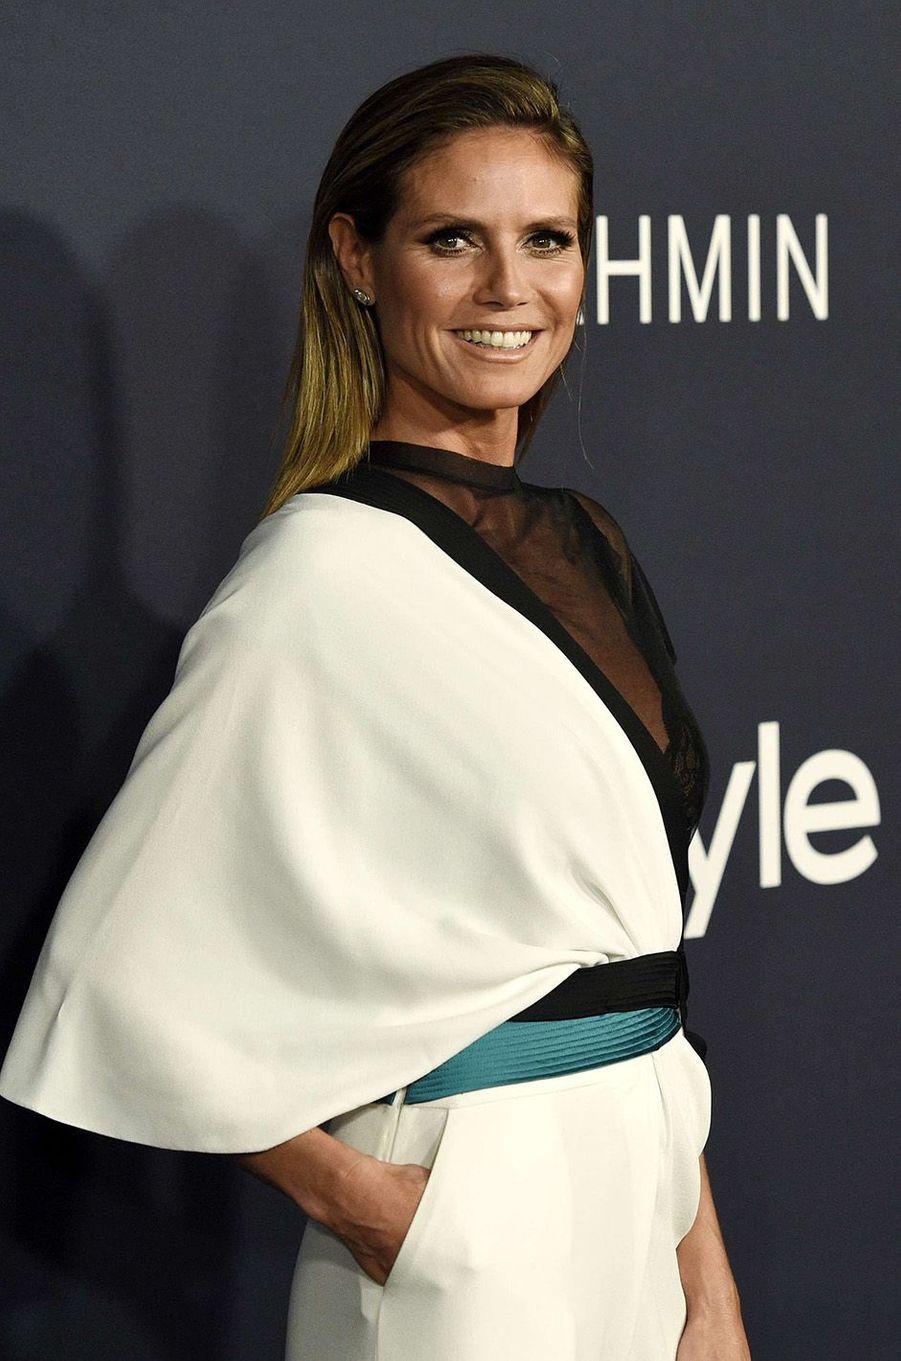 Heidi Klum lors des InStyle Awards, à Los Angeles, le 23 octobre 2017.